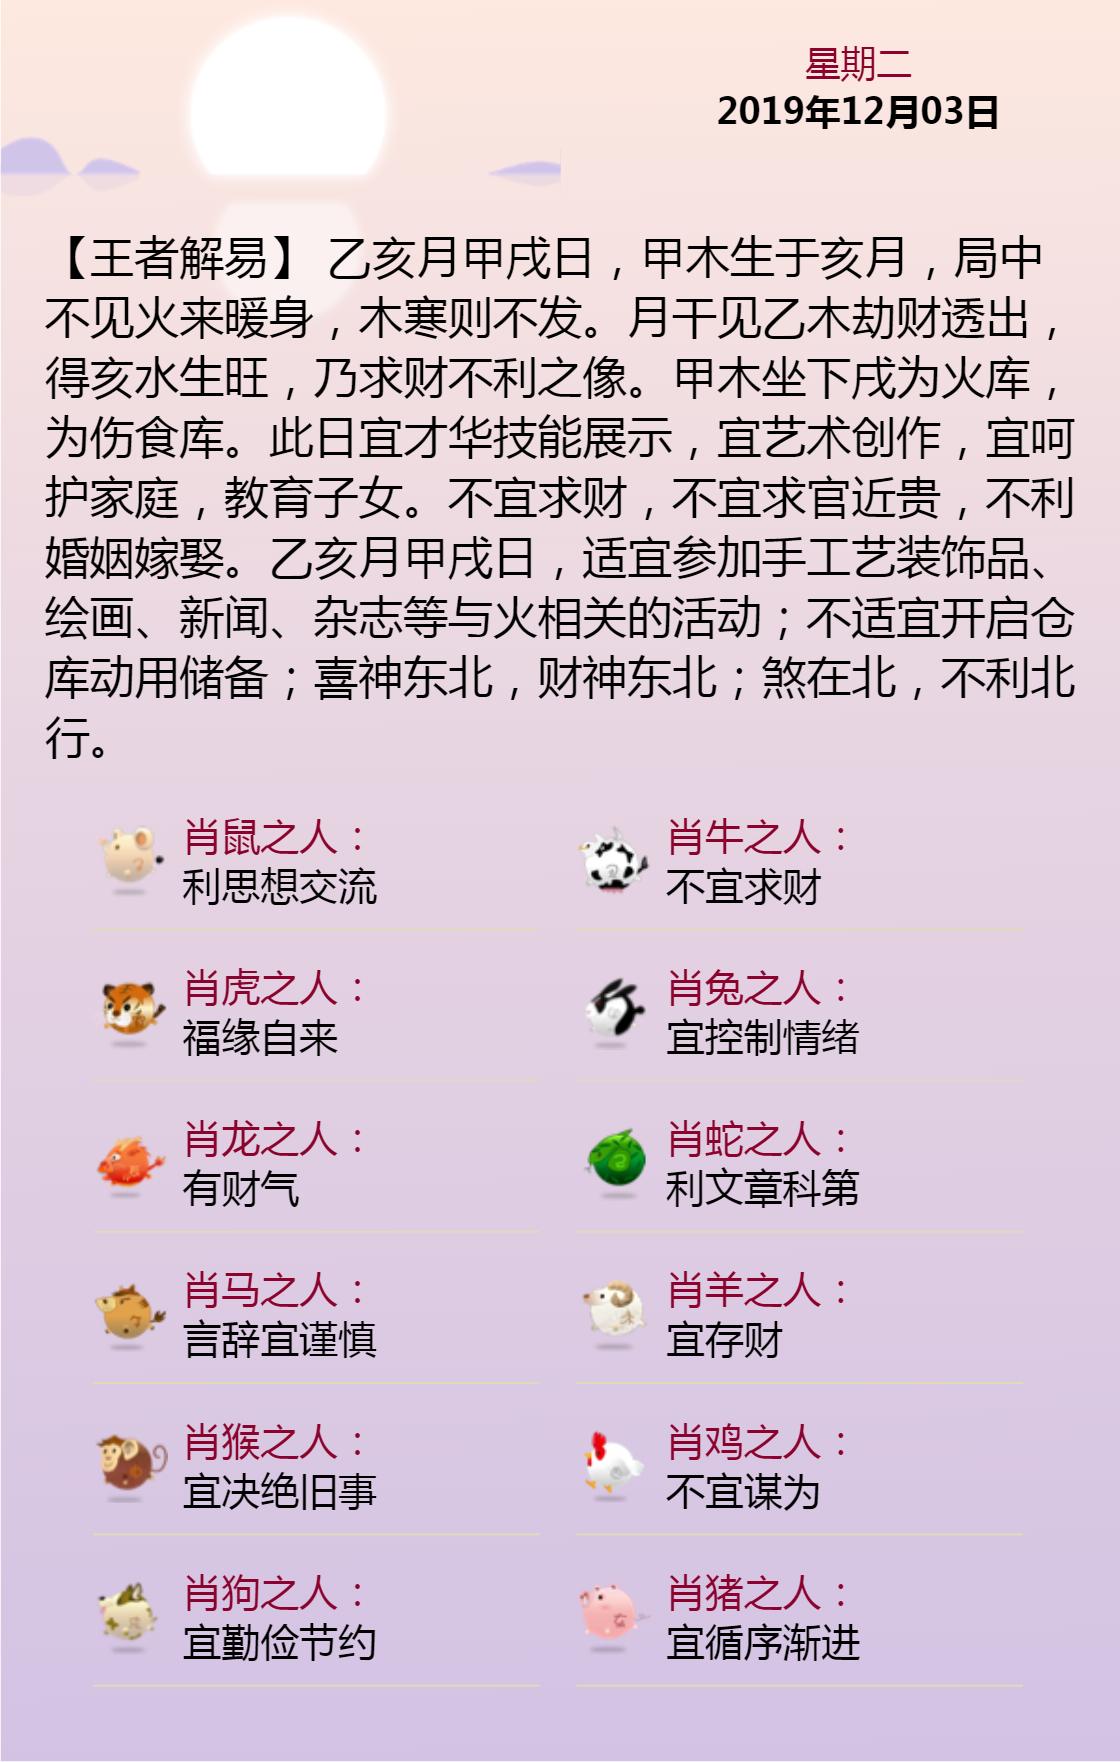 黄历海报20191203.png